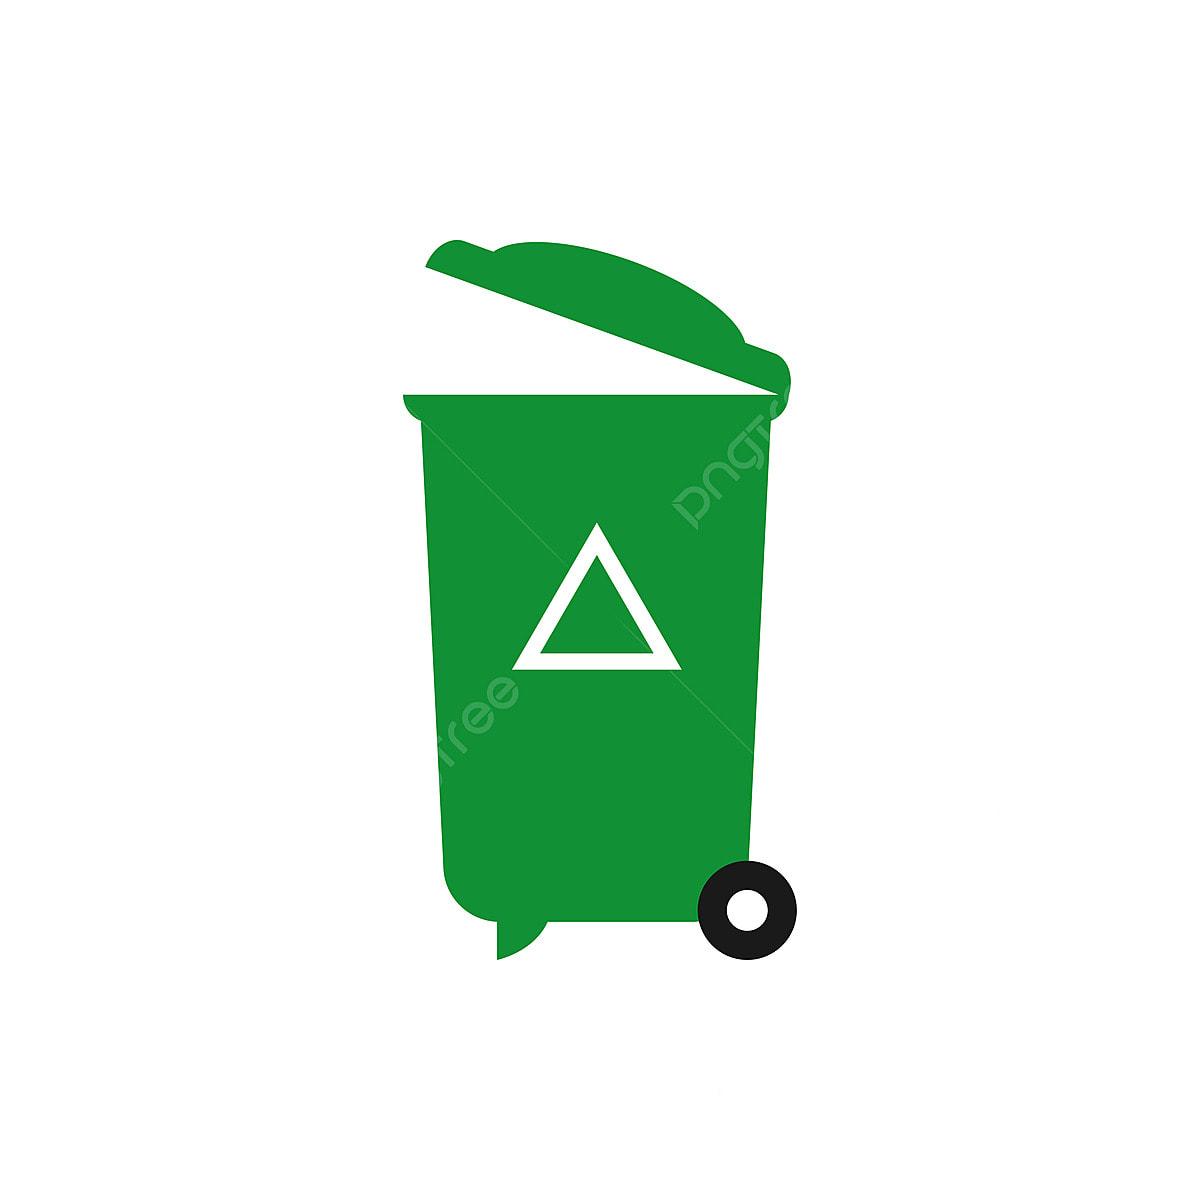 conception graphique l  u00e9l u00e9ment recyclage poubelle vecteur